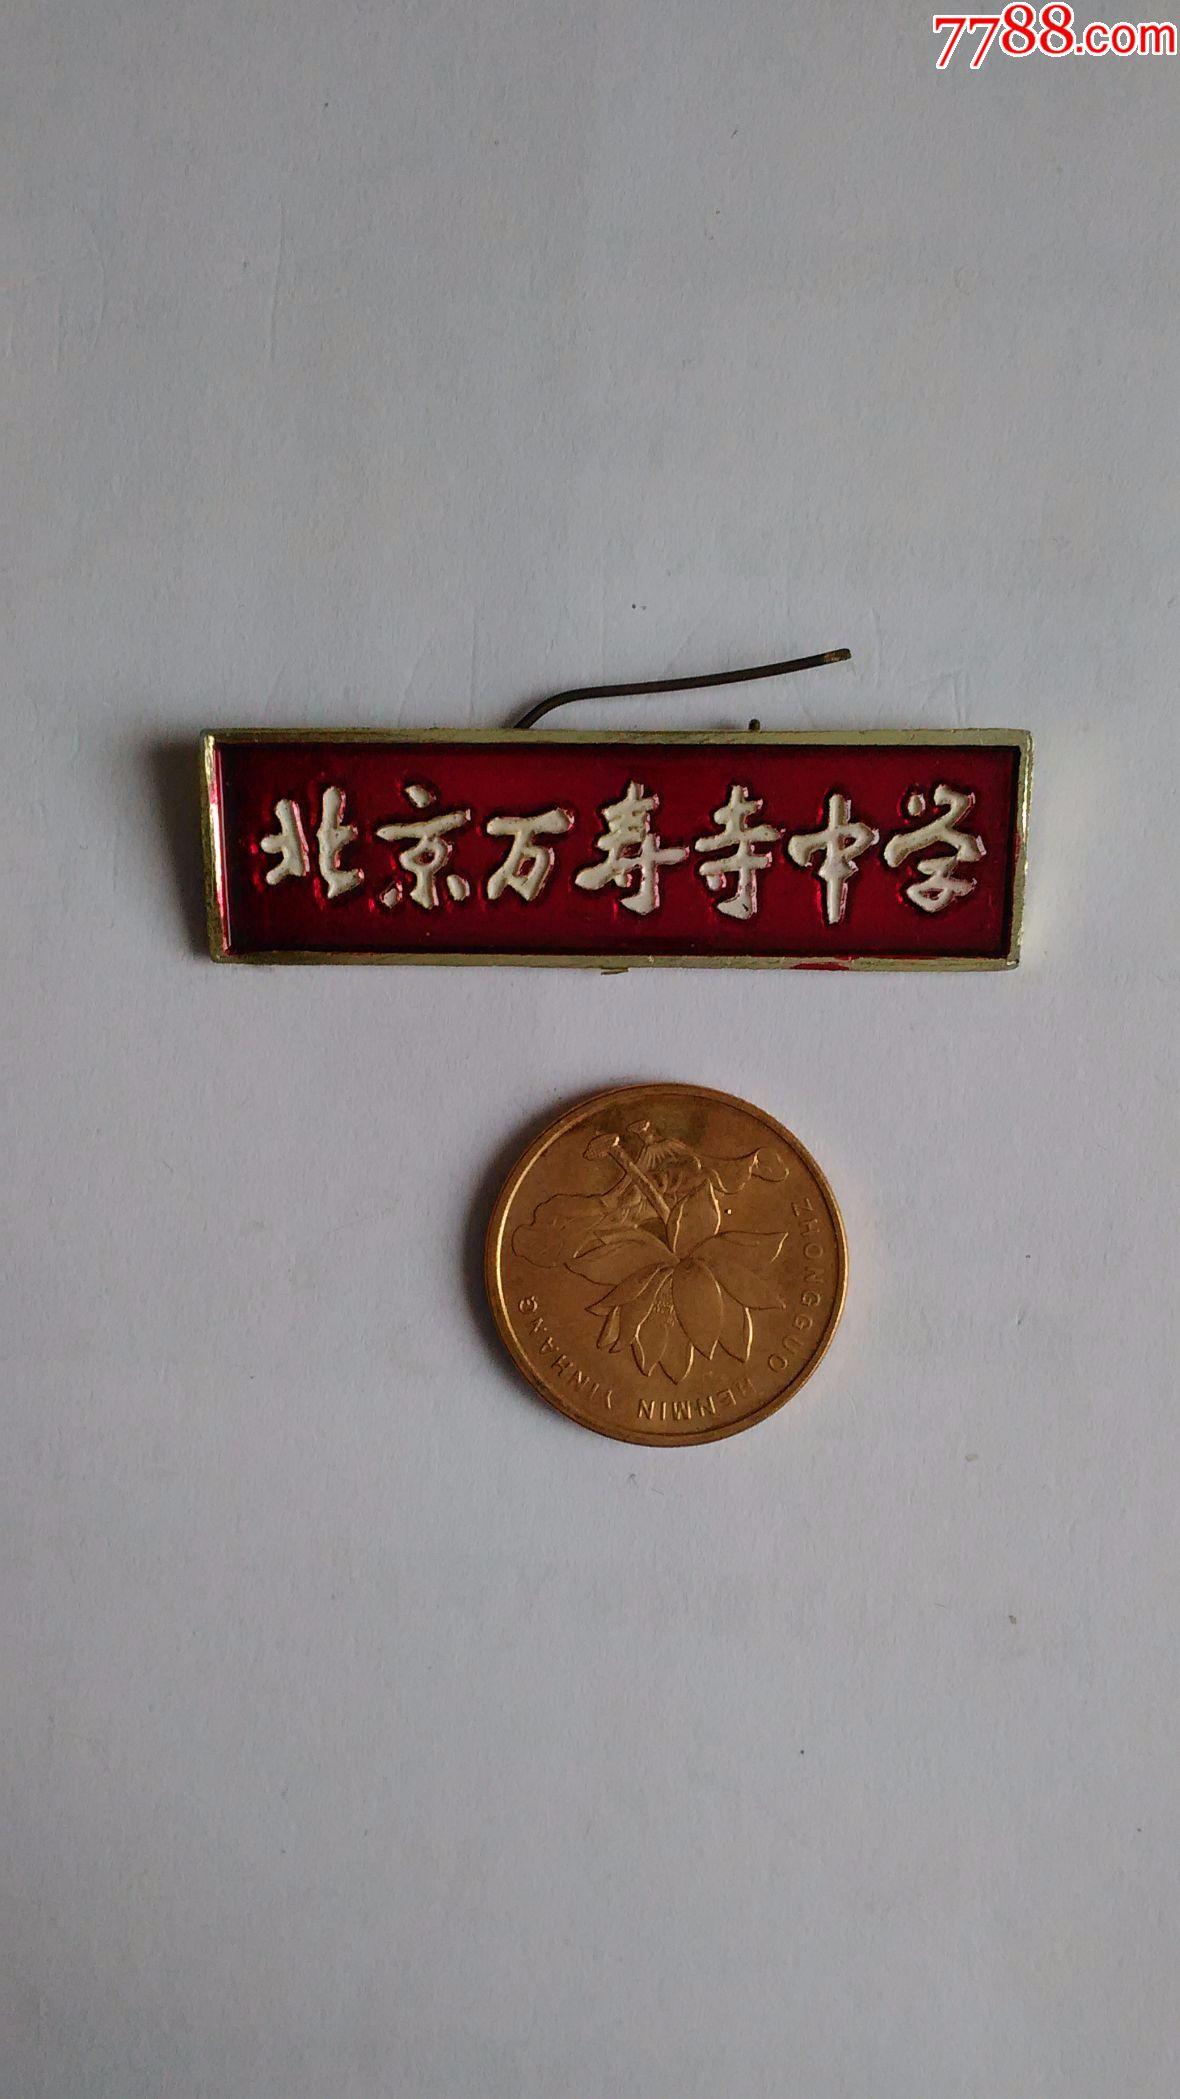 校徽/校牌,中学,铝/铝合金,年代不详,北京,直径不详,长方形,,,,,